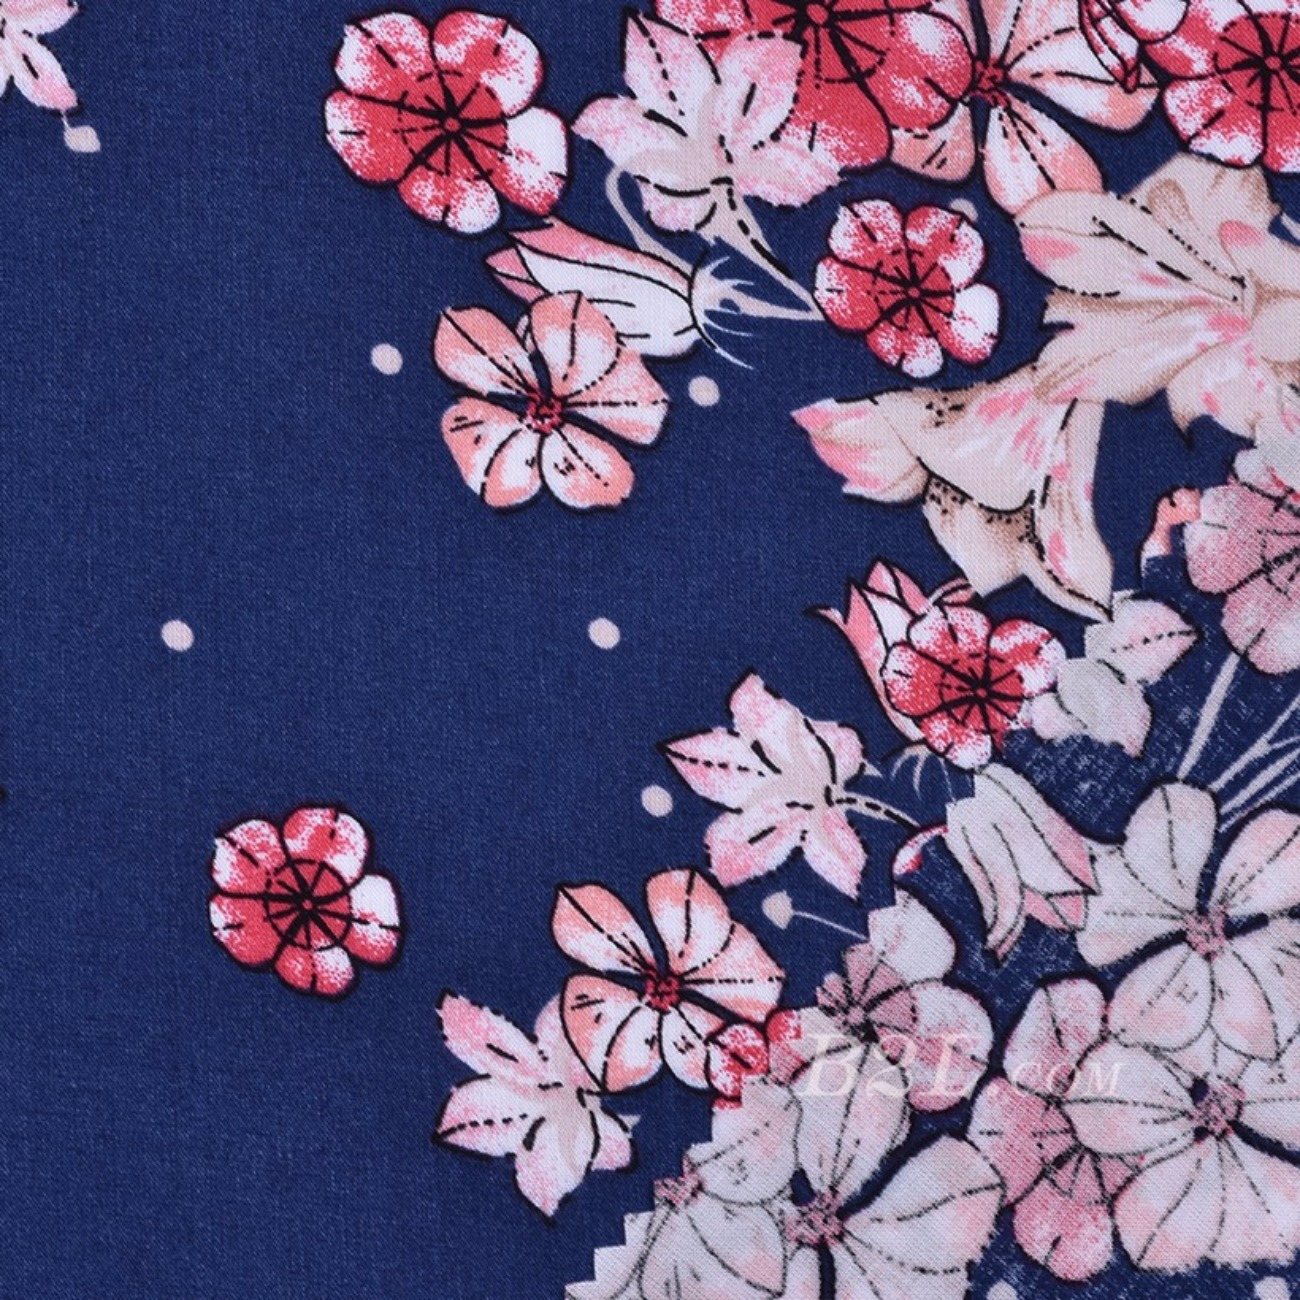 人棉 期货 定位 花朵 梭织 印花 无弹衬衫 连衣裙 短裙 薄 棉感 70531-46